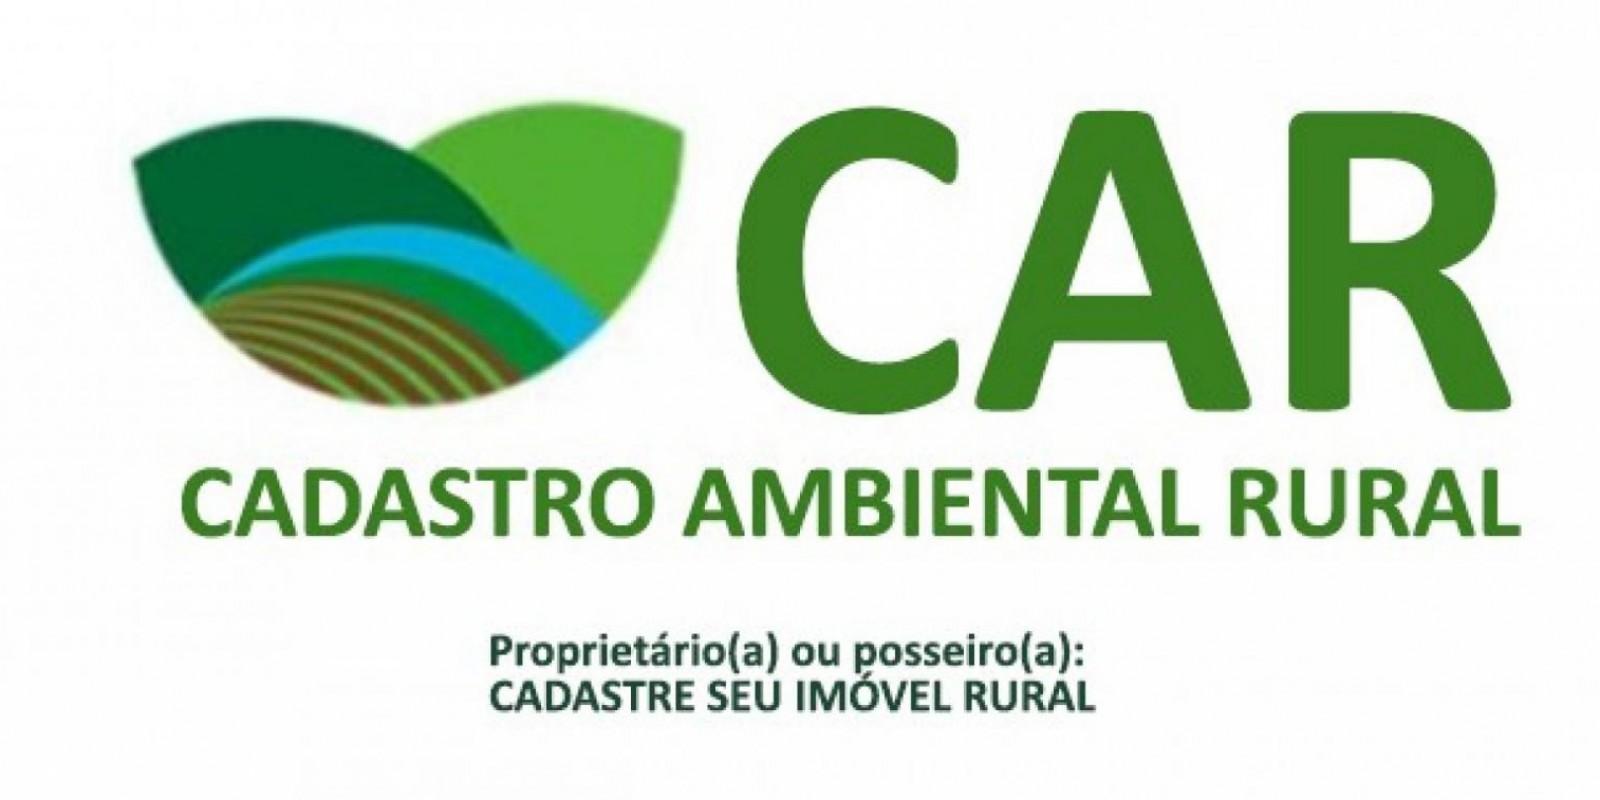 Produtos de fazendas sem CAR podem encontrar dificuldades no mercado, prevê diretor geral do SFB